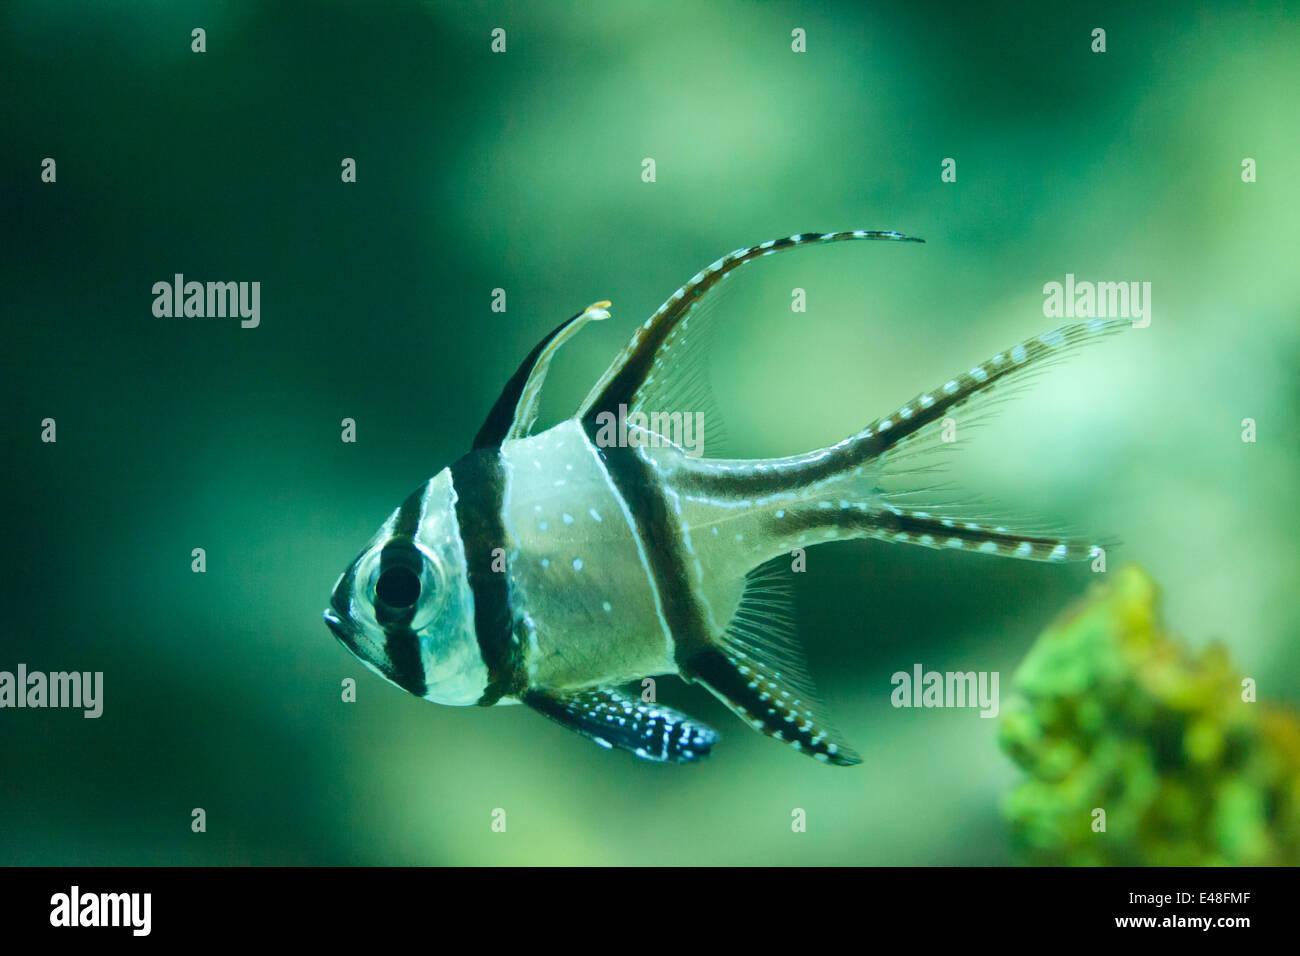 Pajama cardinalfish, sphaeramia nematoptera, Thailand - Stock Image